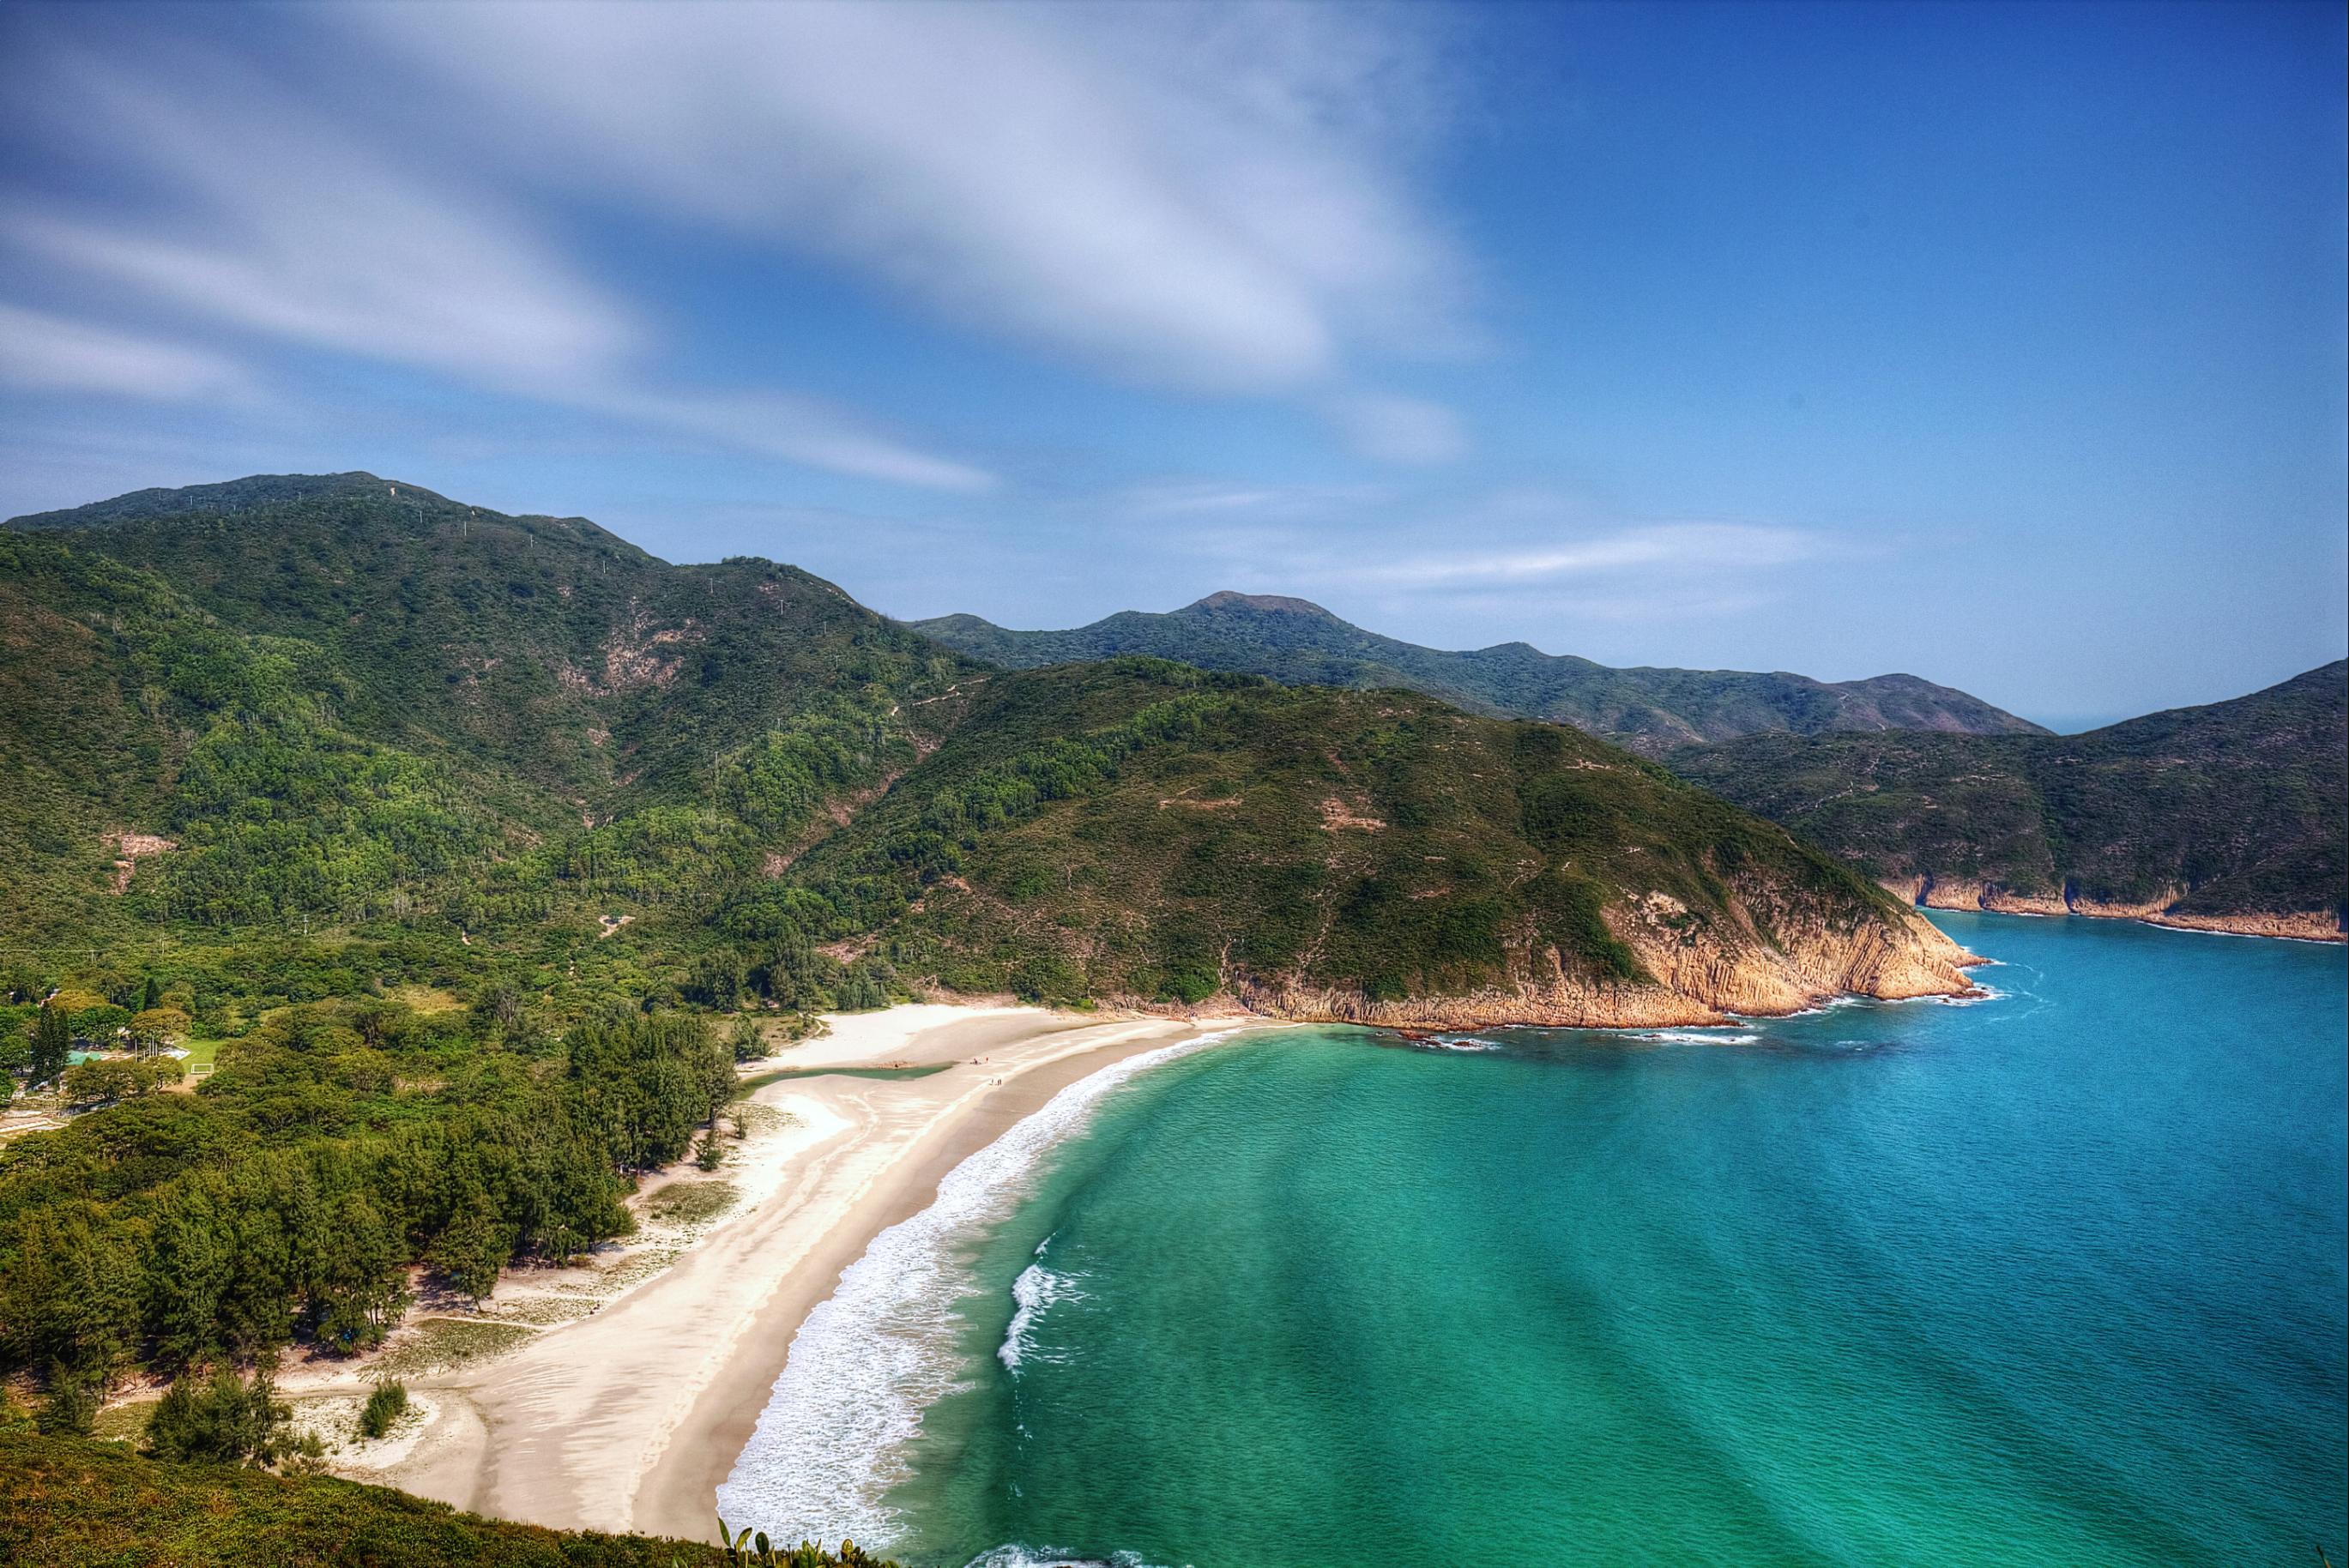 Hong Kong beaches: 8 hidden seashore getaways | CNN Travel